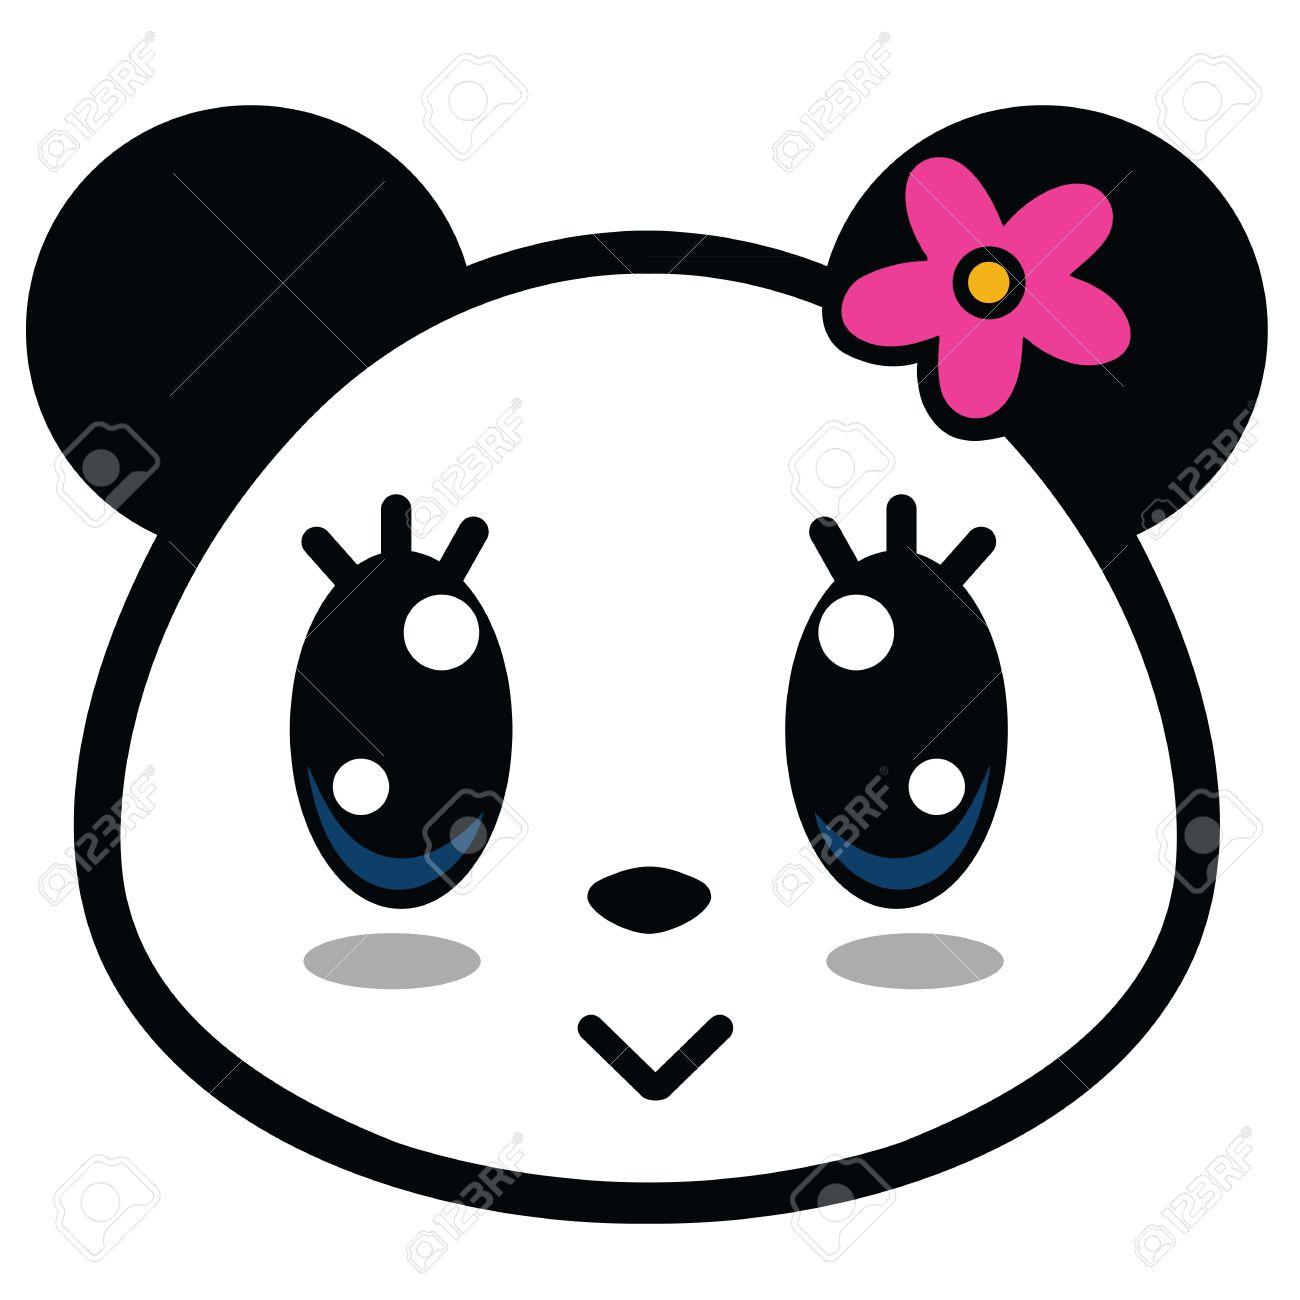 cute panda girl with big eyes cartoon vector royalty free cliparts rh 123rf com Cute Cartoon Panda Wallpaper Heart with Cute Panda Cartoons